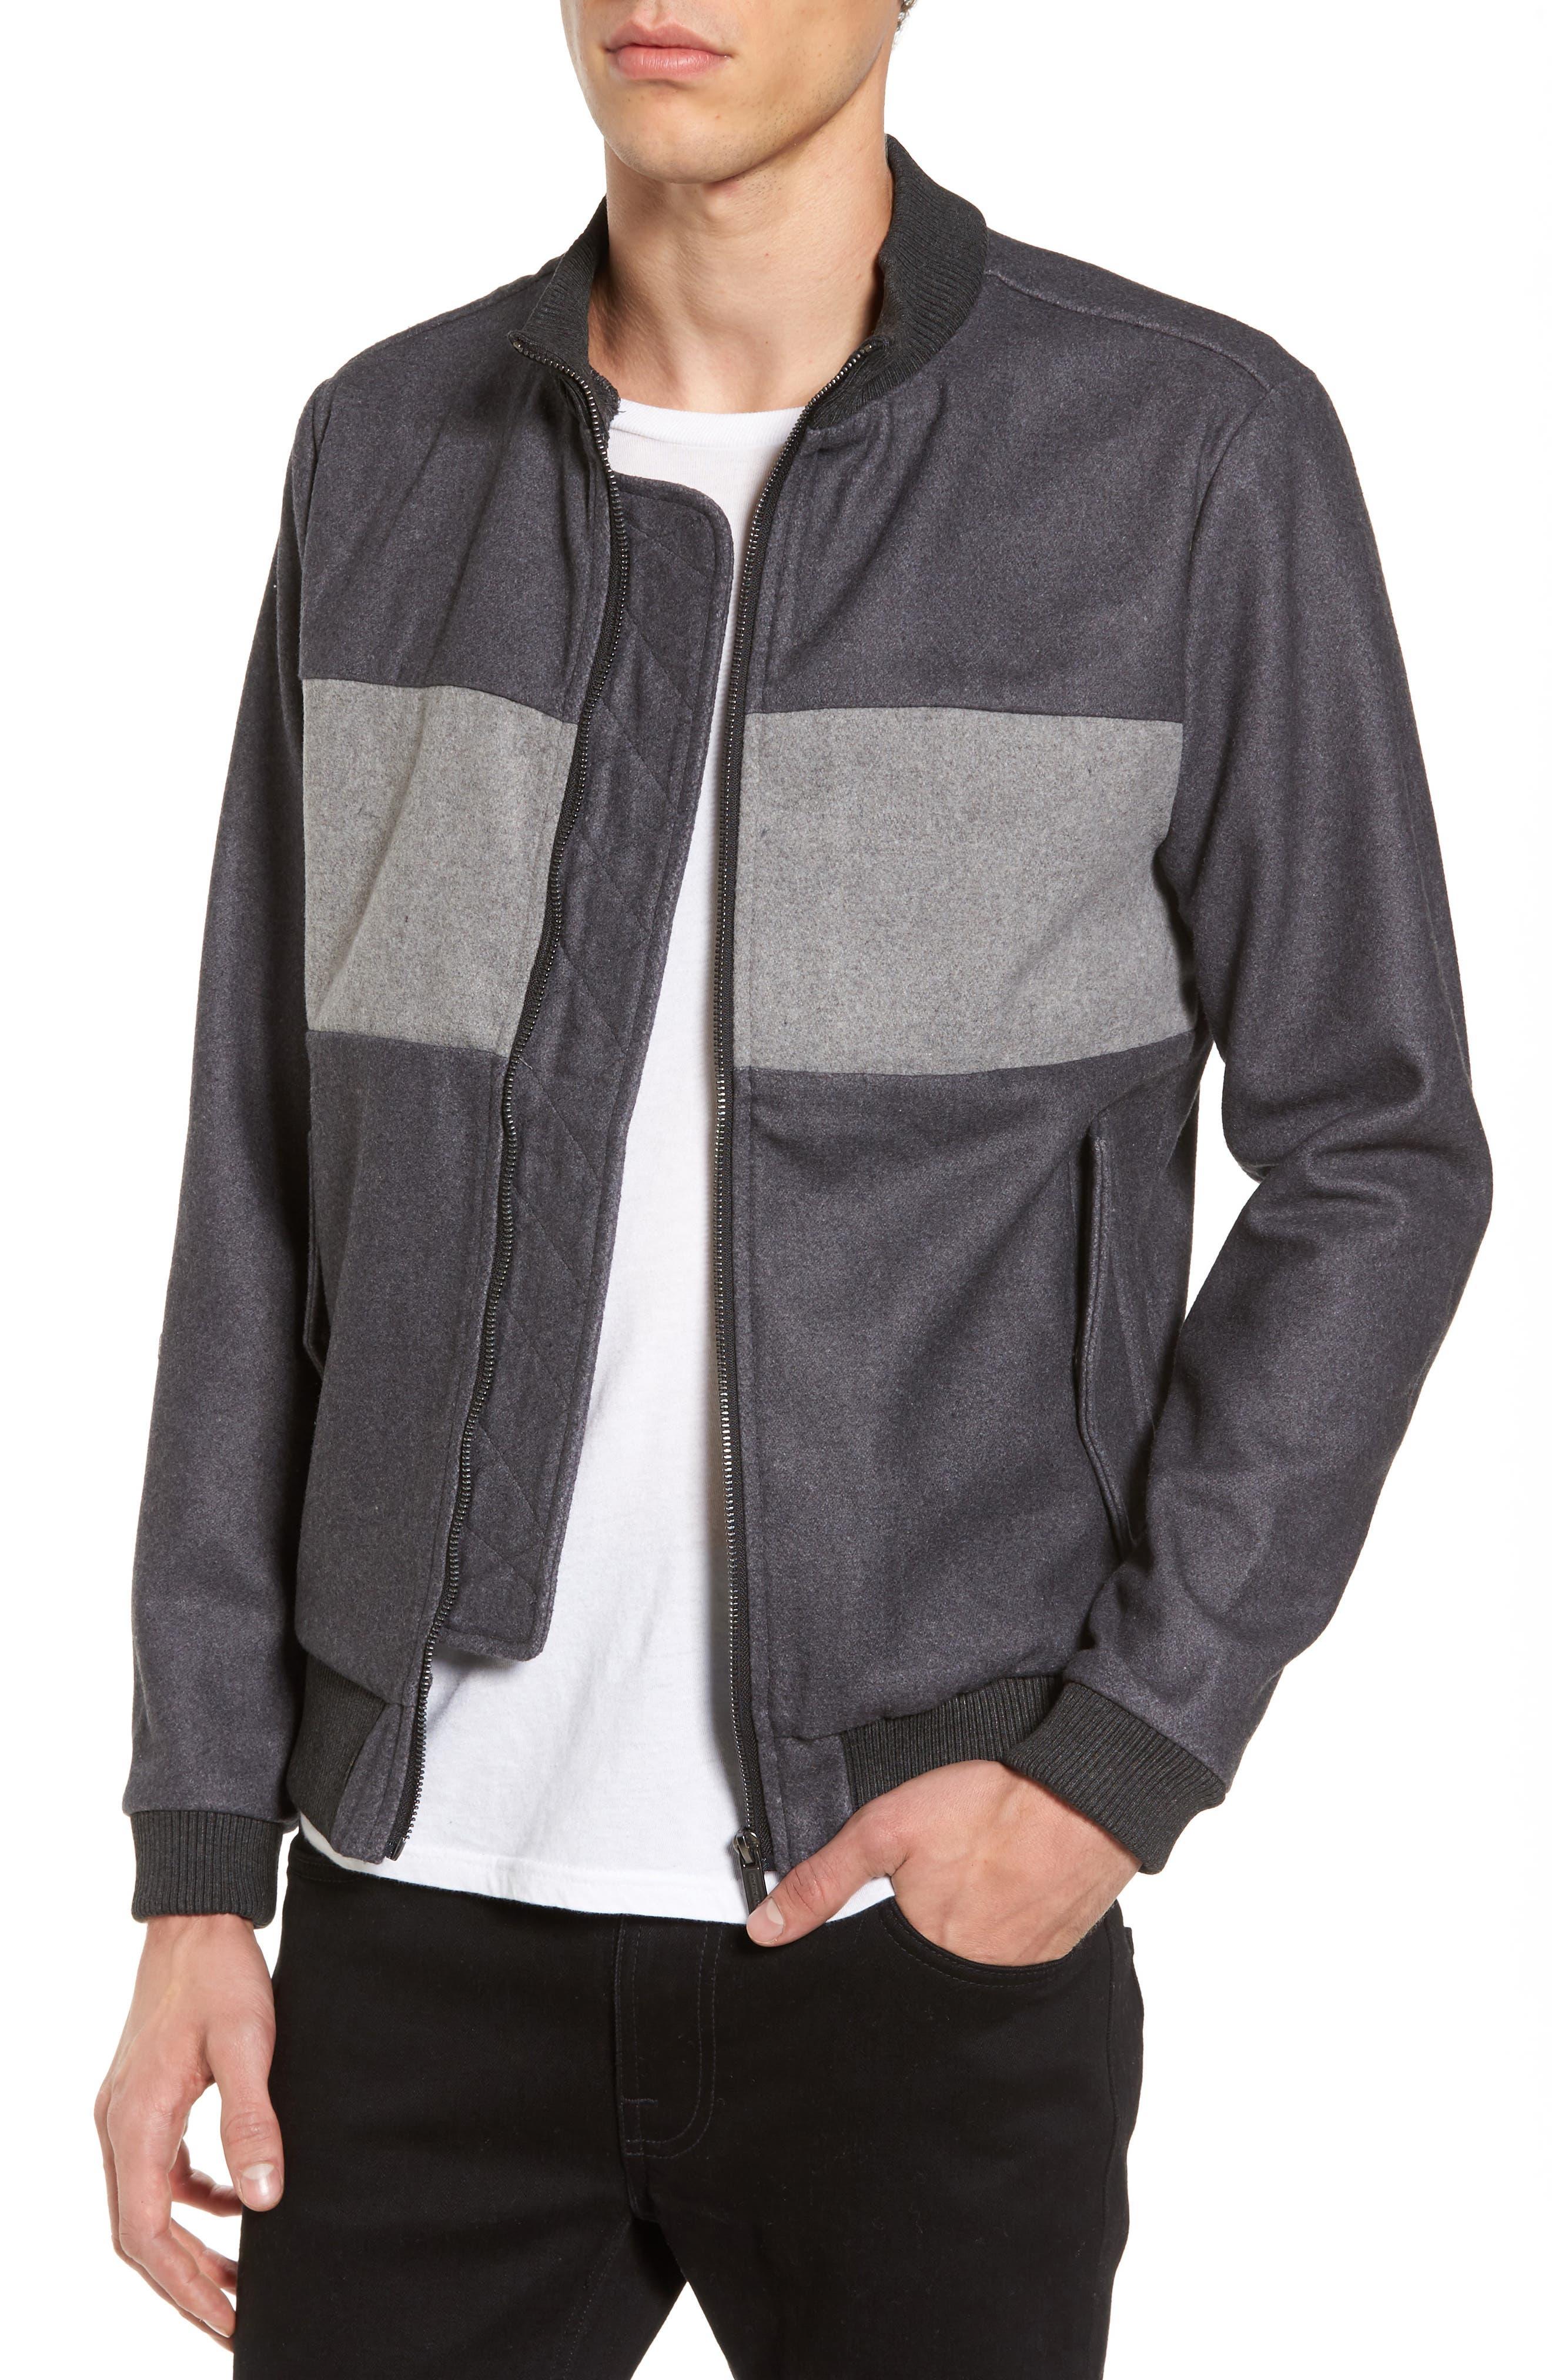 Cityscape Jacket,                             Main thumbnail 1, color,                             020